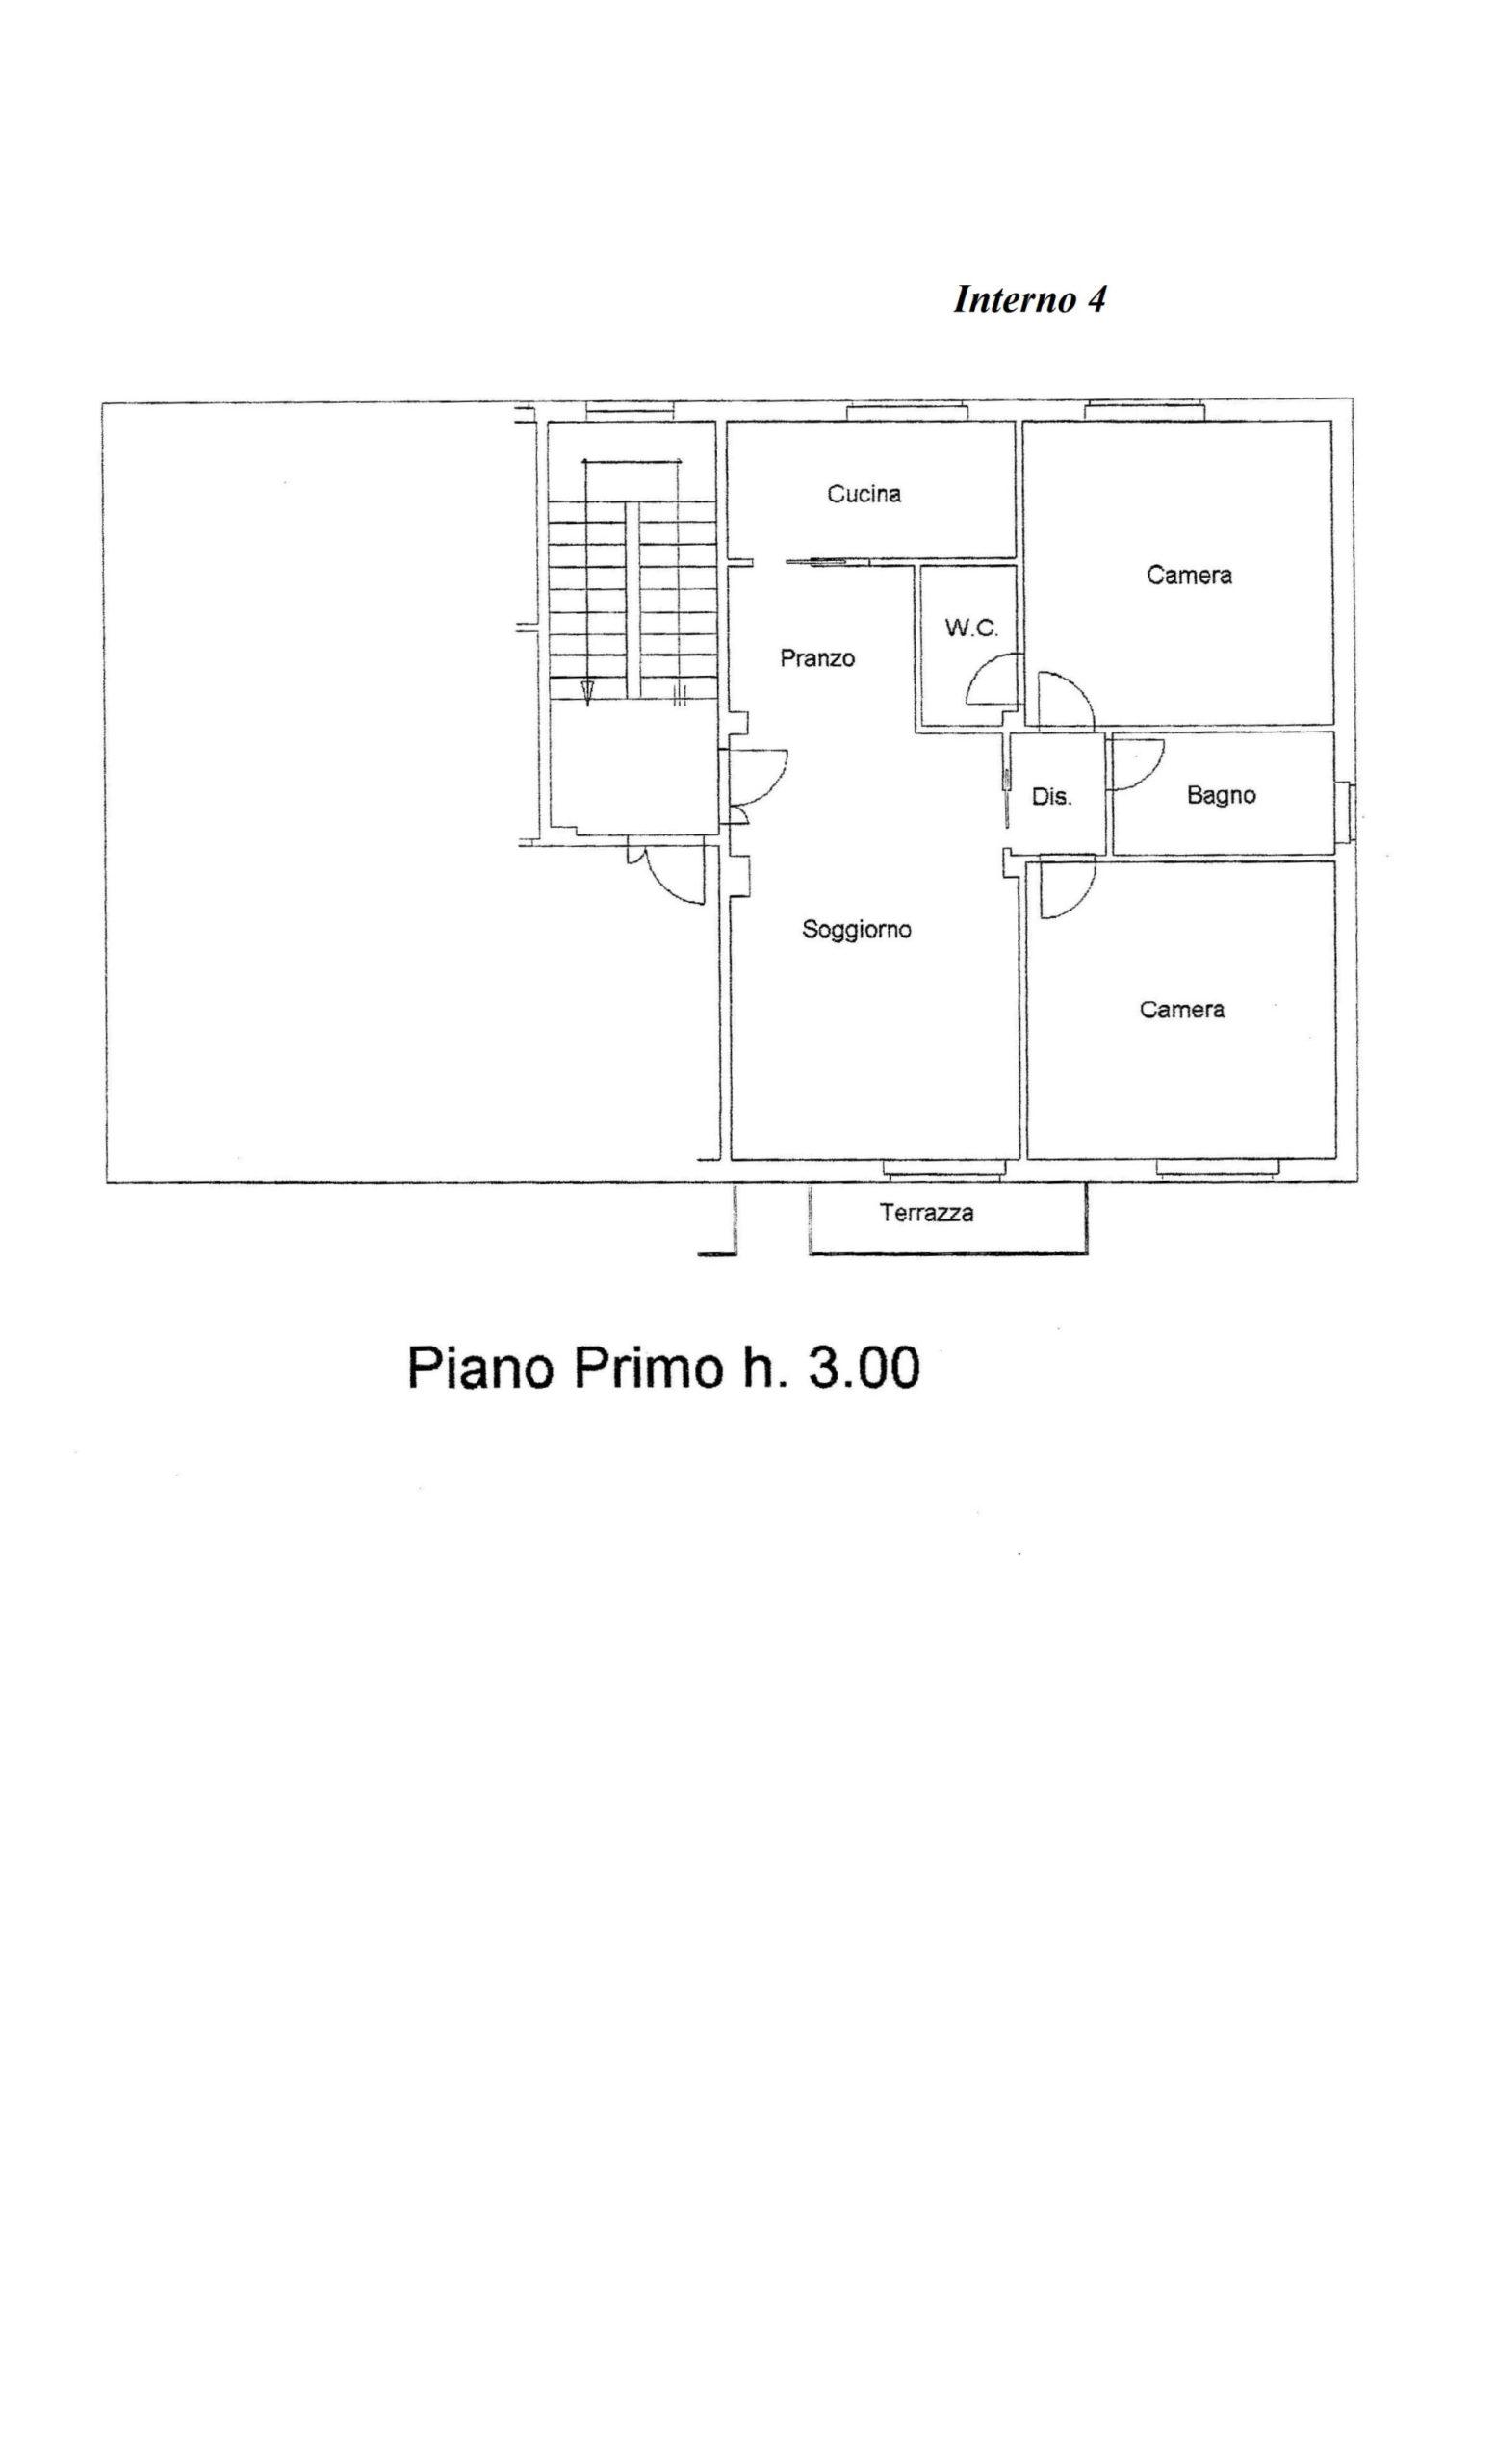 Piano Primo lato destro 331000